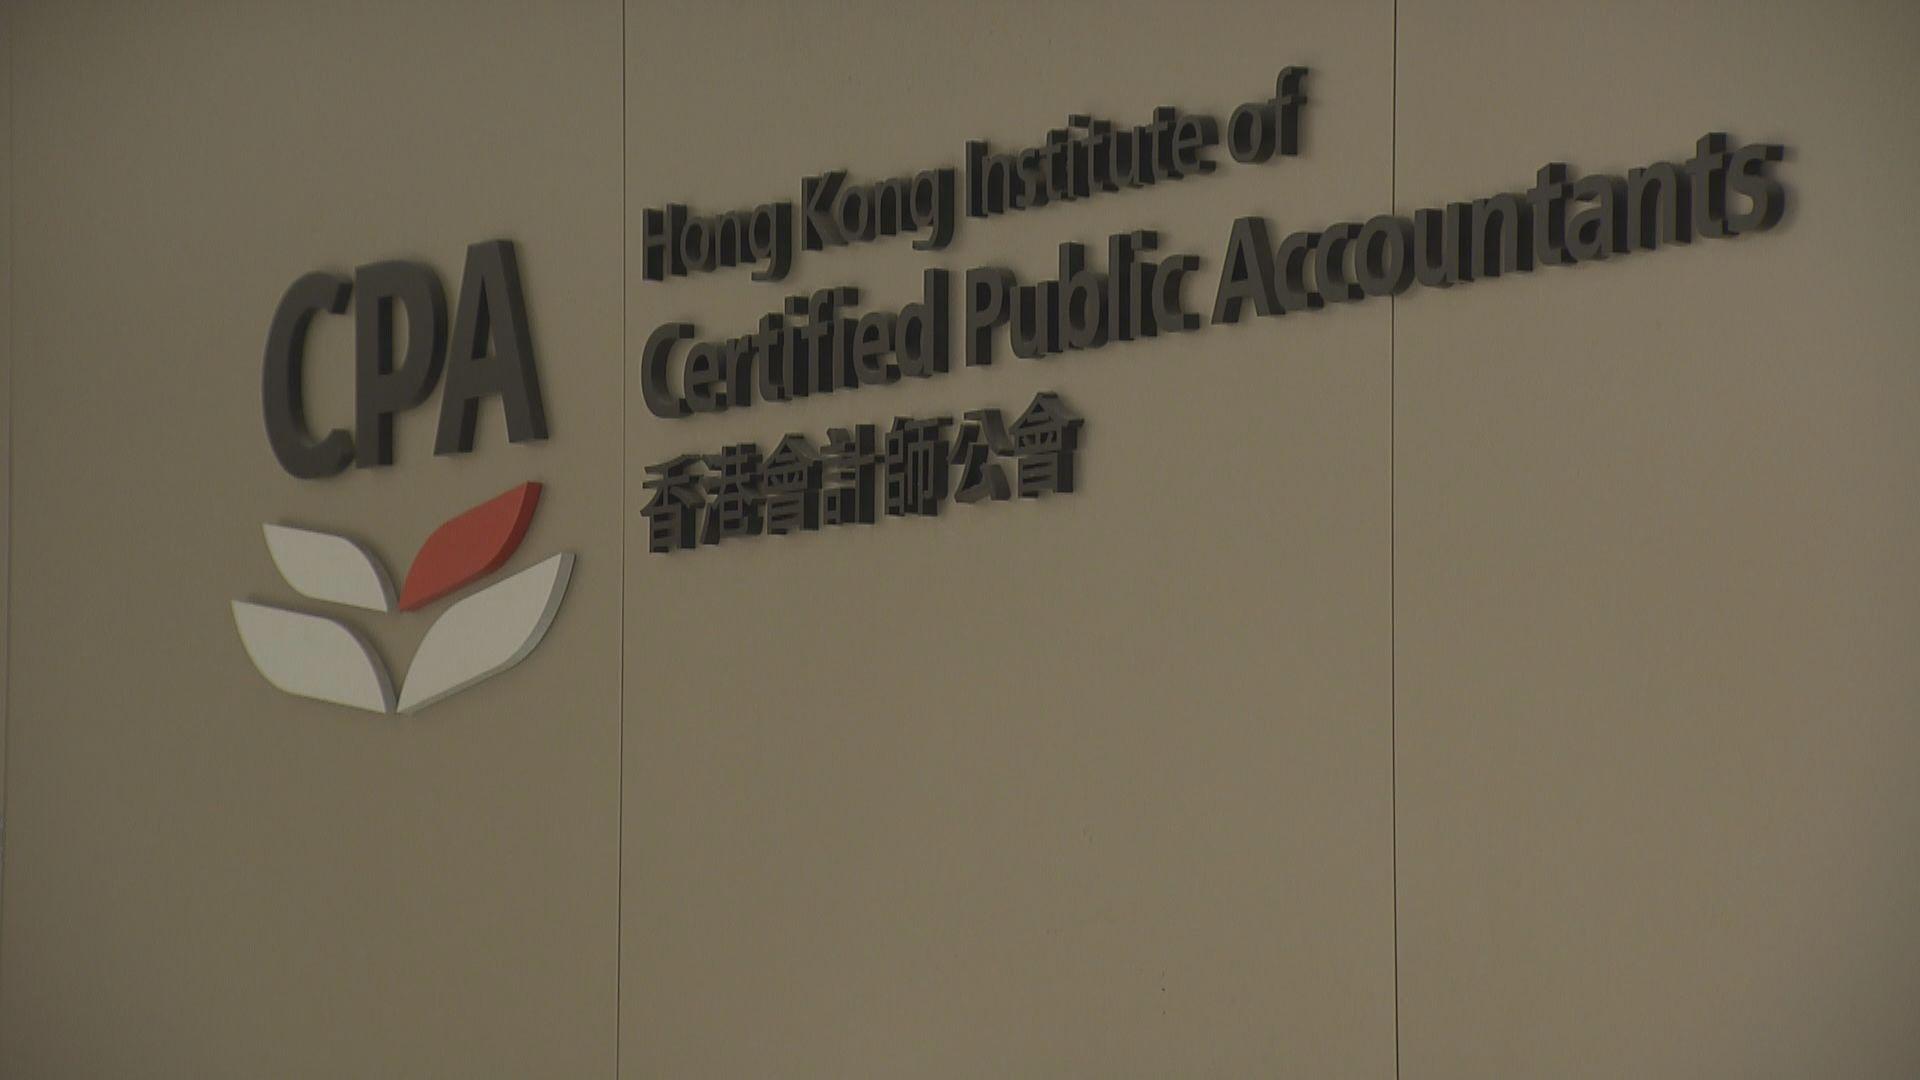 許正宇:會計界缺獨立監管影響國際地位 感恨鐵不成鋼